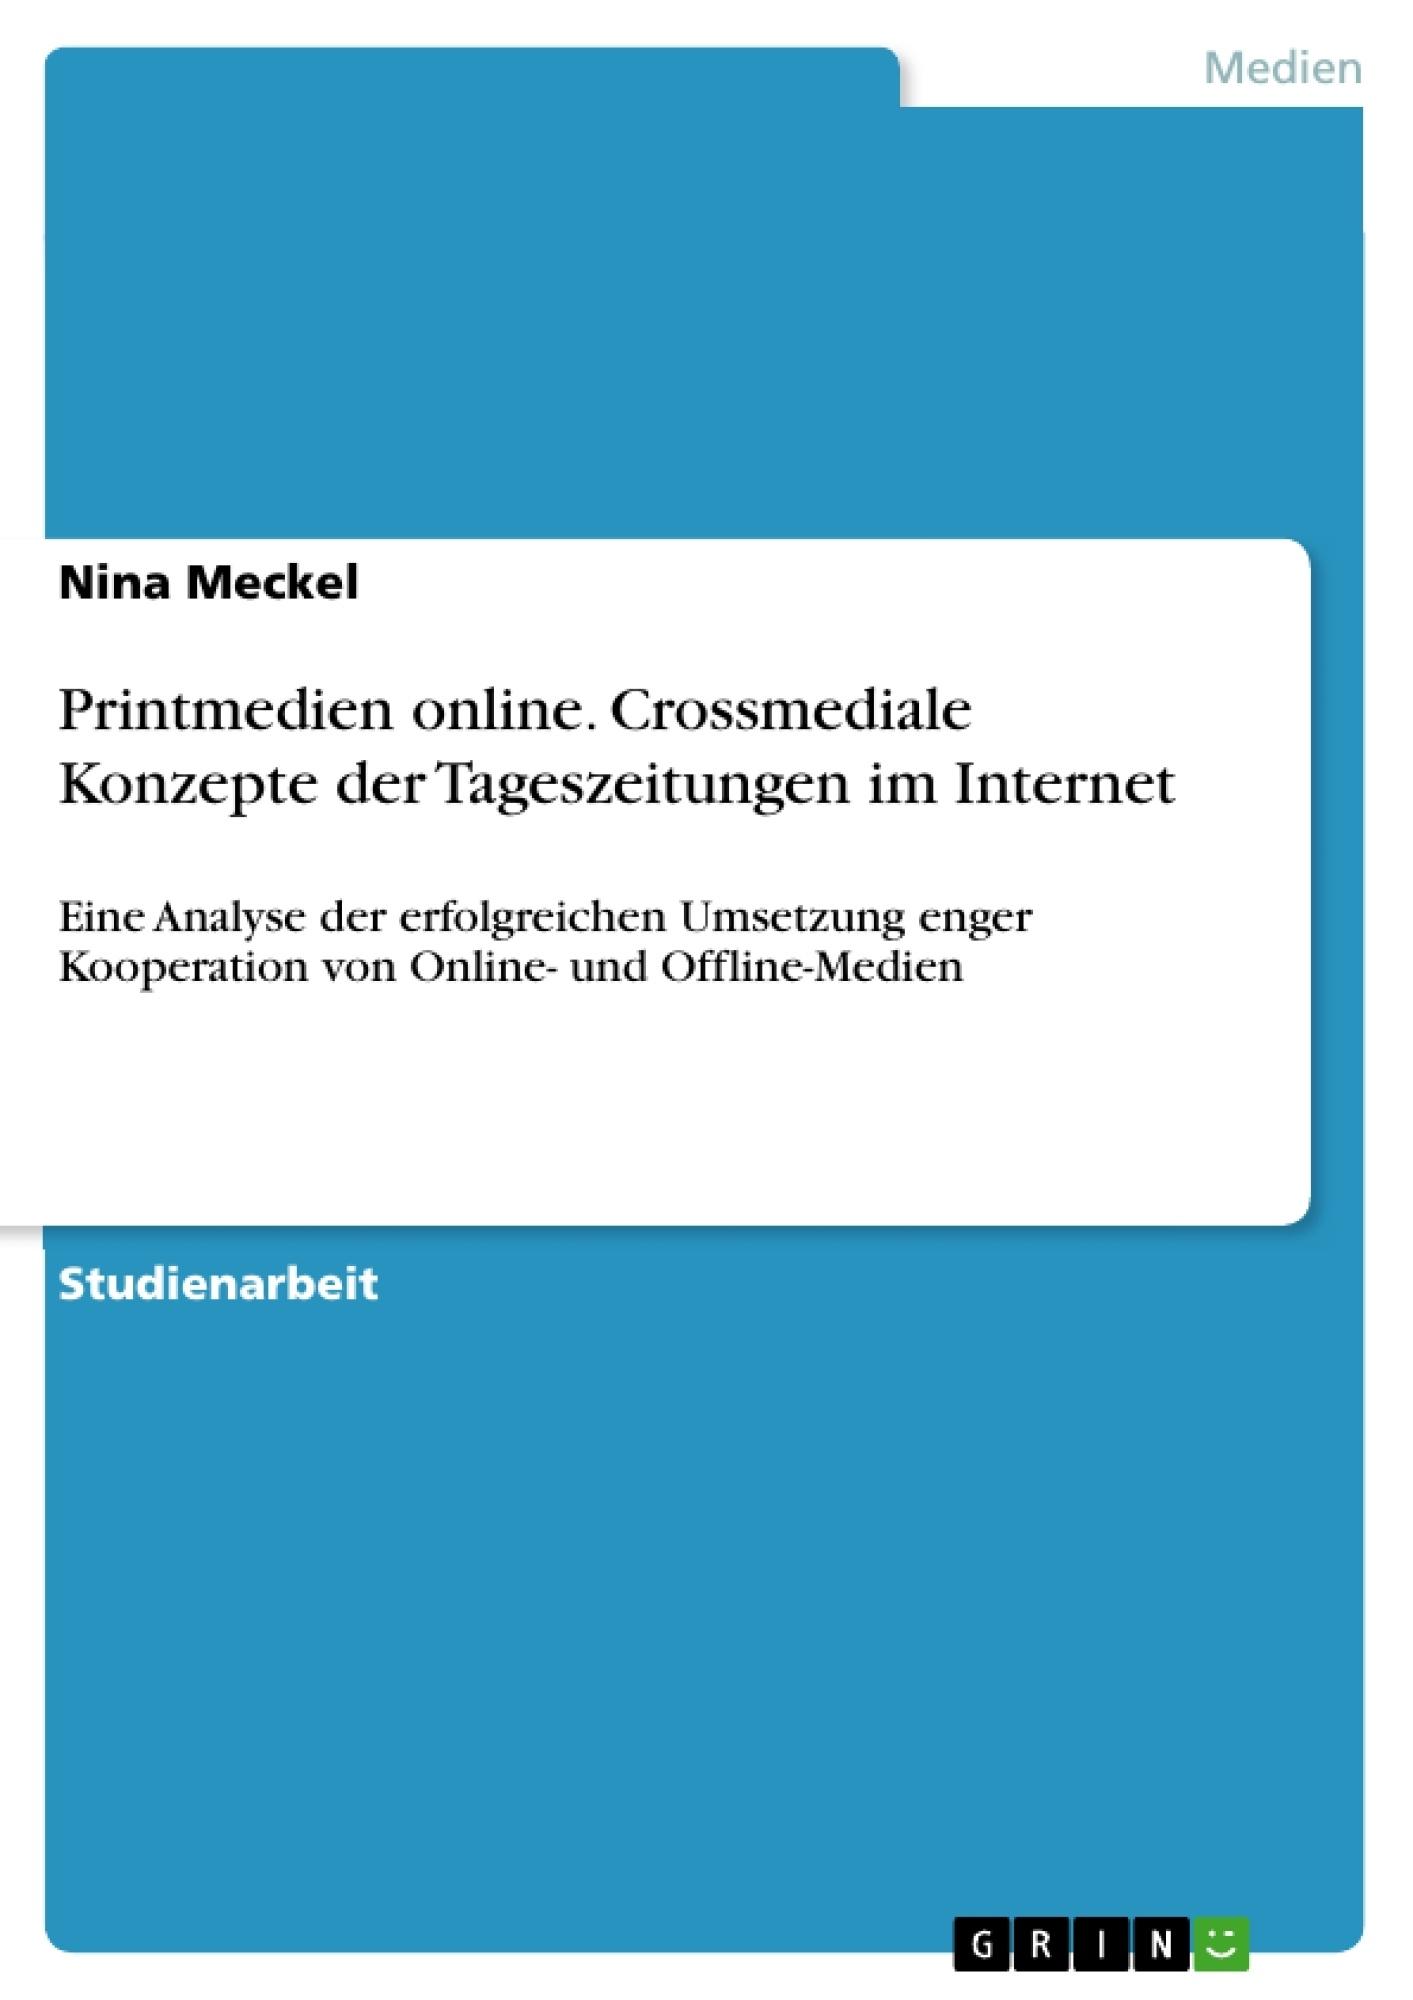 Titel: Printmedien online. Crossmediale Konzepte der Tageszeitungen im Internet